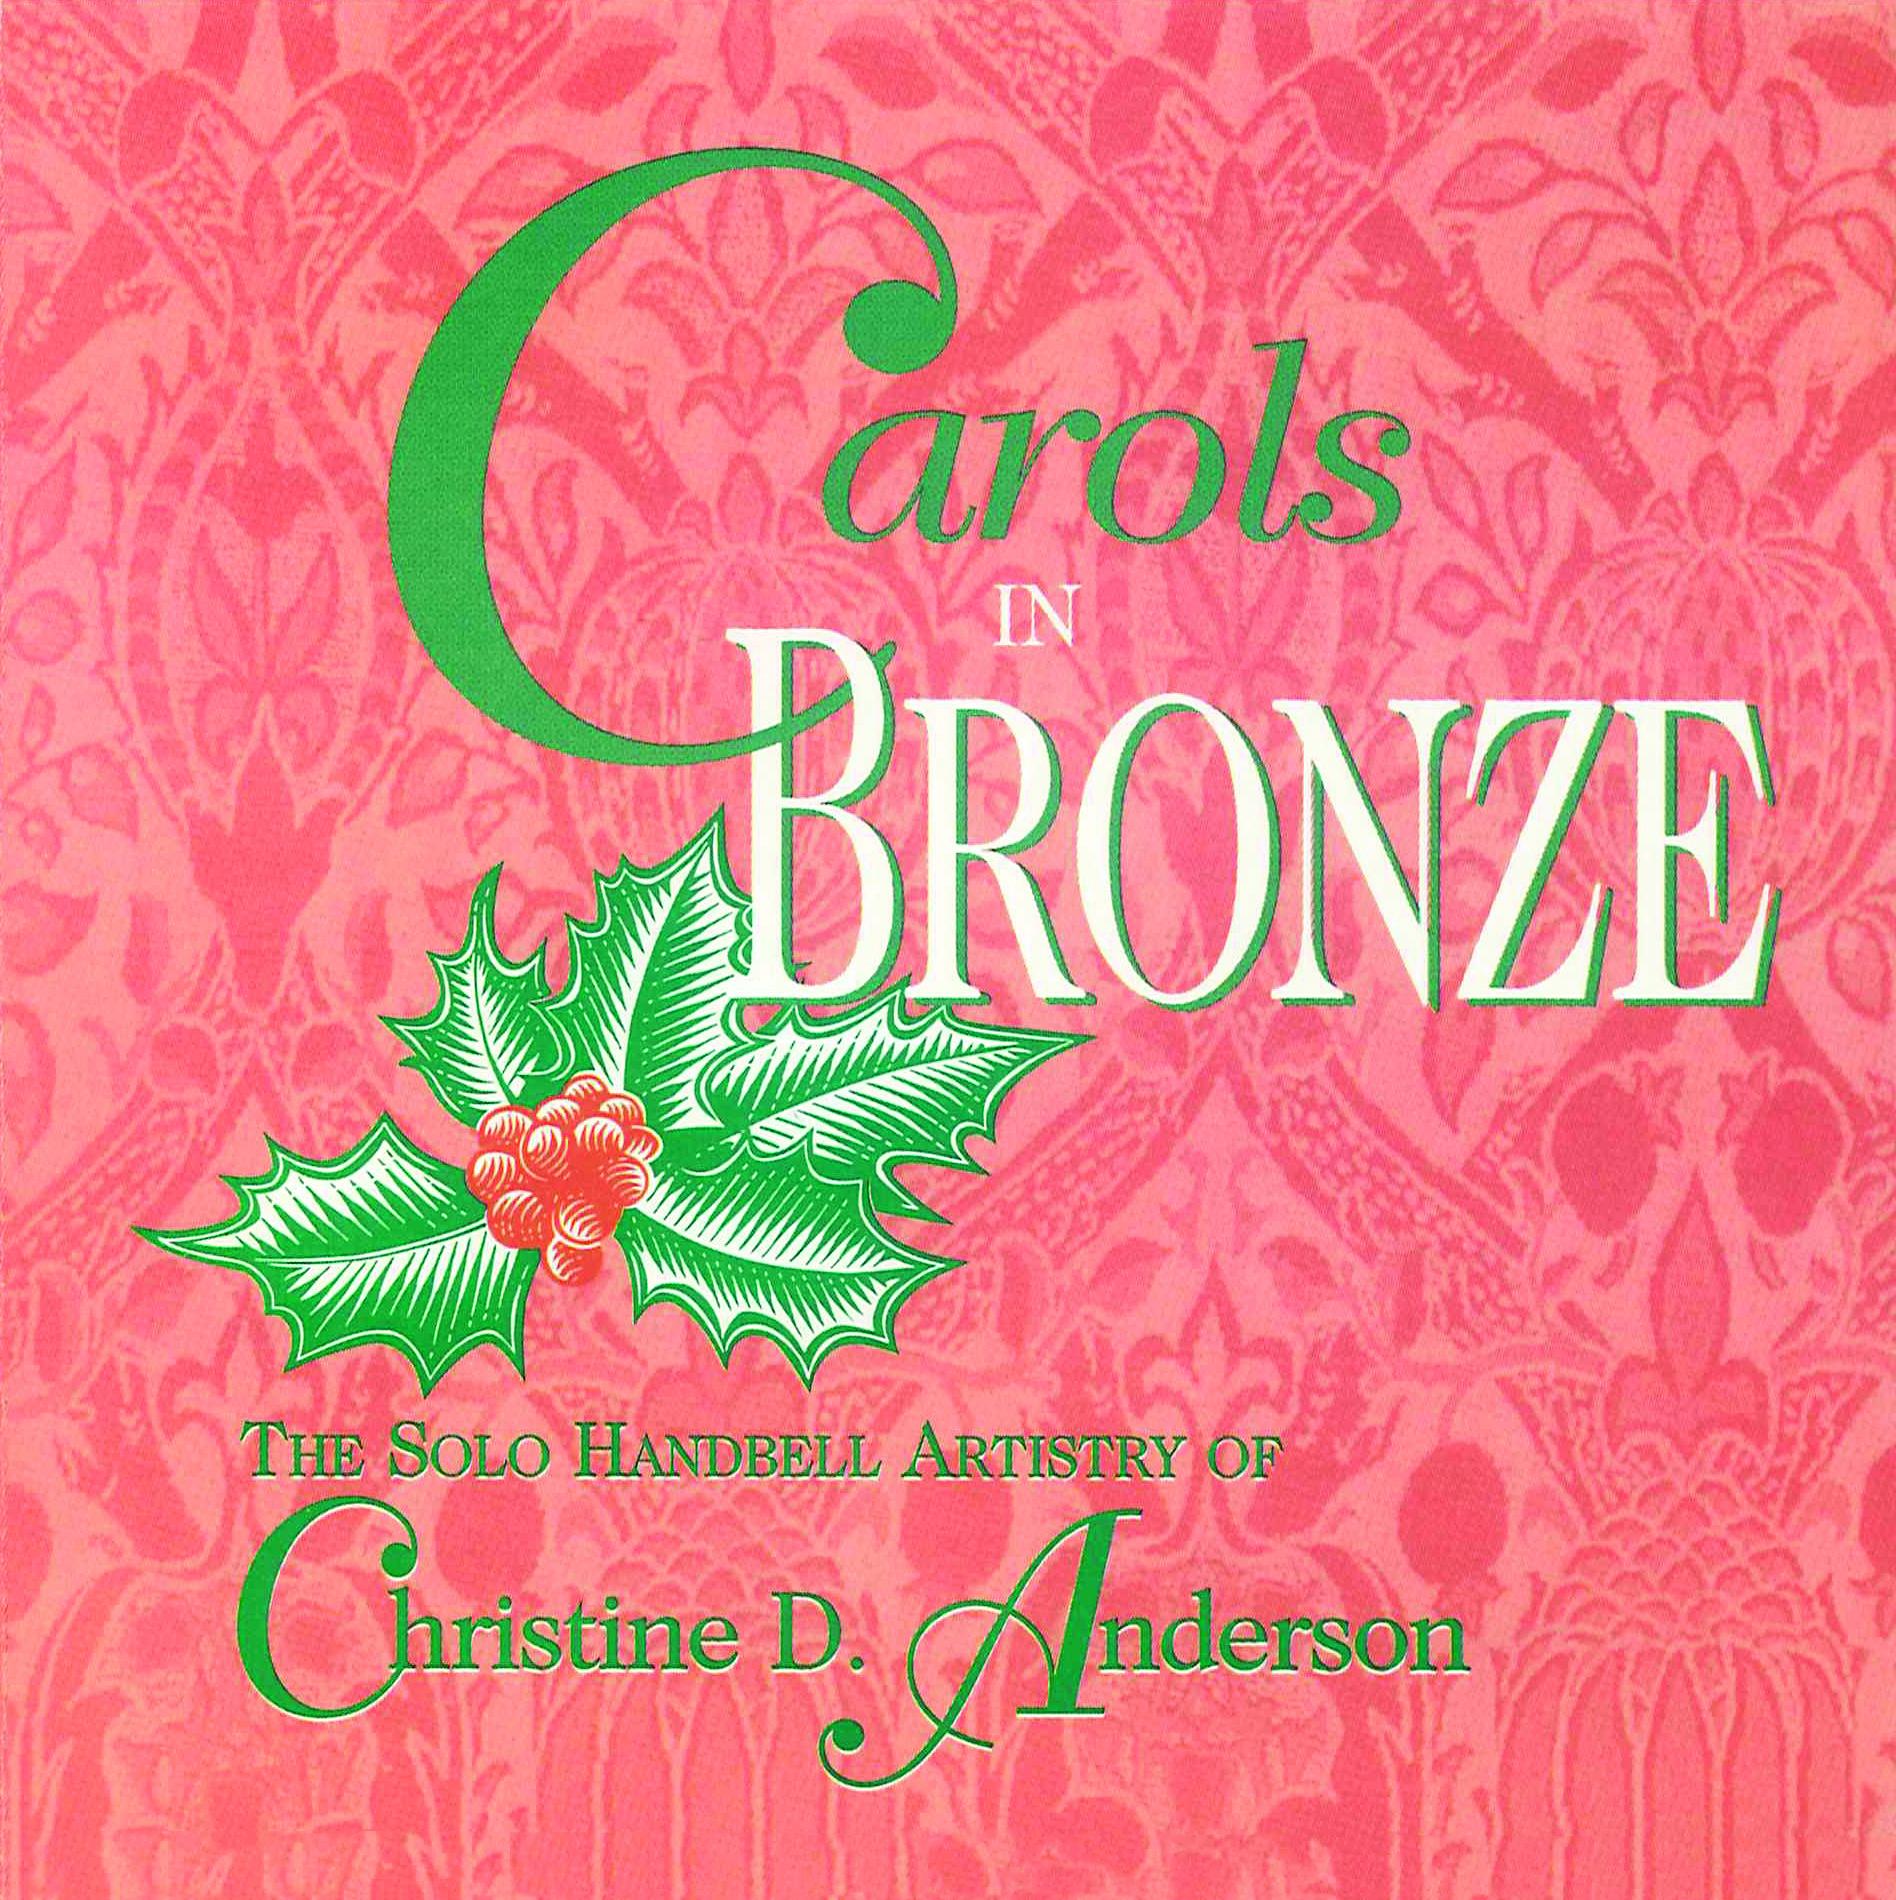 Carols in Bronze - CD Cover Image